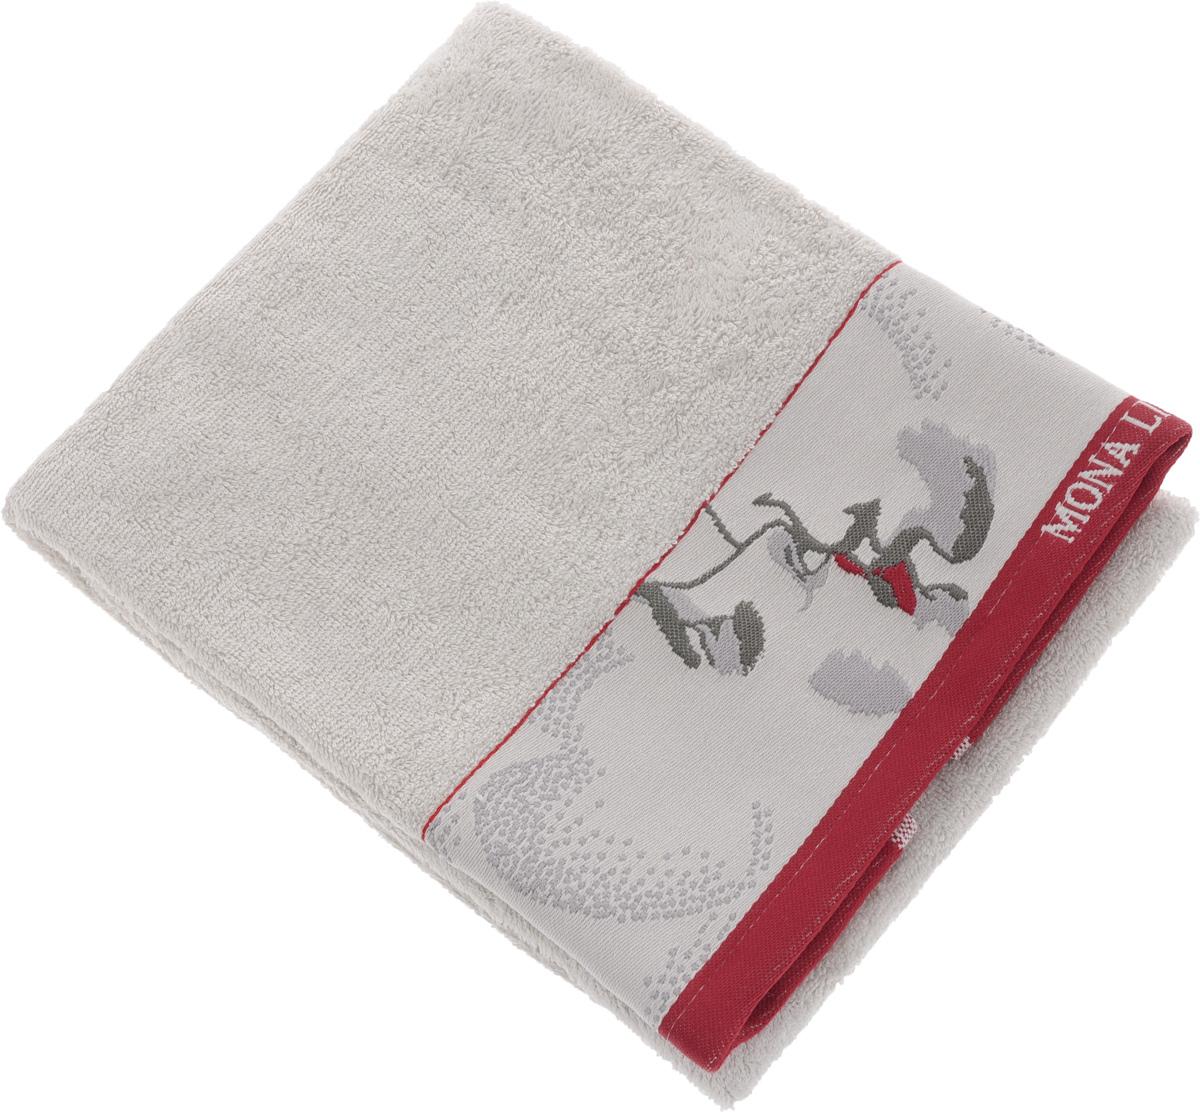 Полотенце Mona Liza Two, цвет: светло-серый, красный, 50 х 90 см98299571Мягкое полотенце Two изготовлено из 30% хлопка и 70% бамбукового волокна. Полотенце Two с жаккардовым бордюром обладает высокой впитывающей способностью и сочетает в себе элегантную роскошь и практичность. Благодаря высокому качеству изготовления, полотенце будет радовать вас многие годы. Мотивы коллекции Mona Liza Premium bu Serg Look навеяны итальянскими фресками эпохи Ренессанса, периода удивительной гармонии в искусстве. В представленной коллекции для нанесения на ткань рисунка применяется многоцветная печать, метод реактивного крашения, который позволяет создать уникальную цветовую гамму, напоминающую старинные фрески. Этот метод также обеспечивает высокую устойчивость краски при стирке.